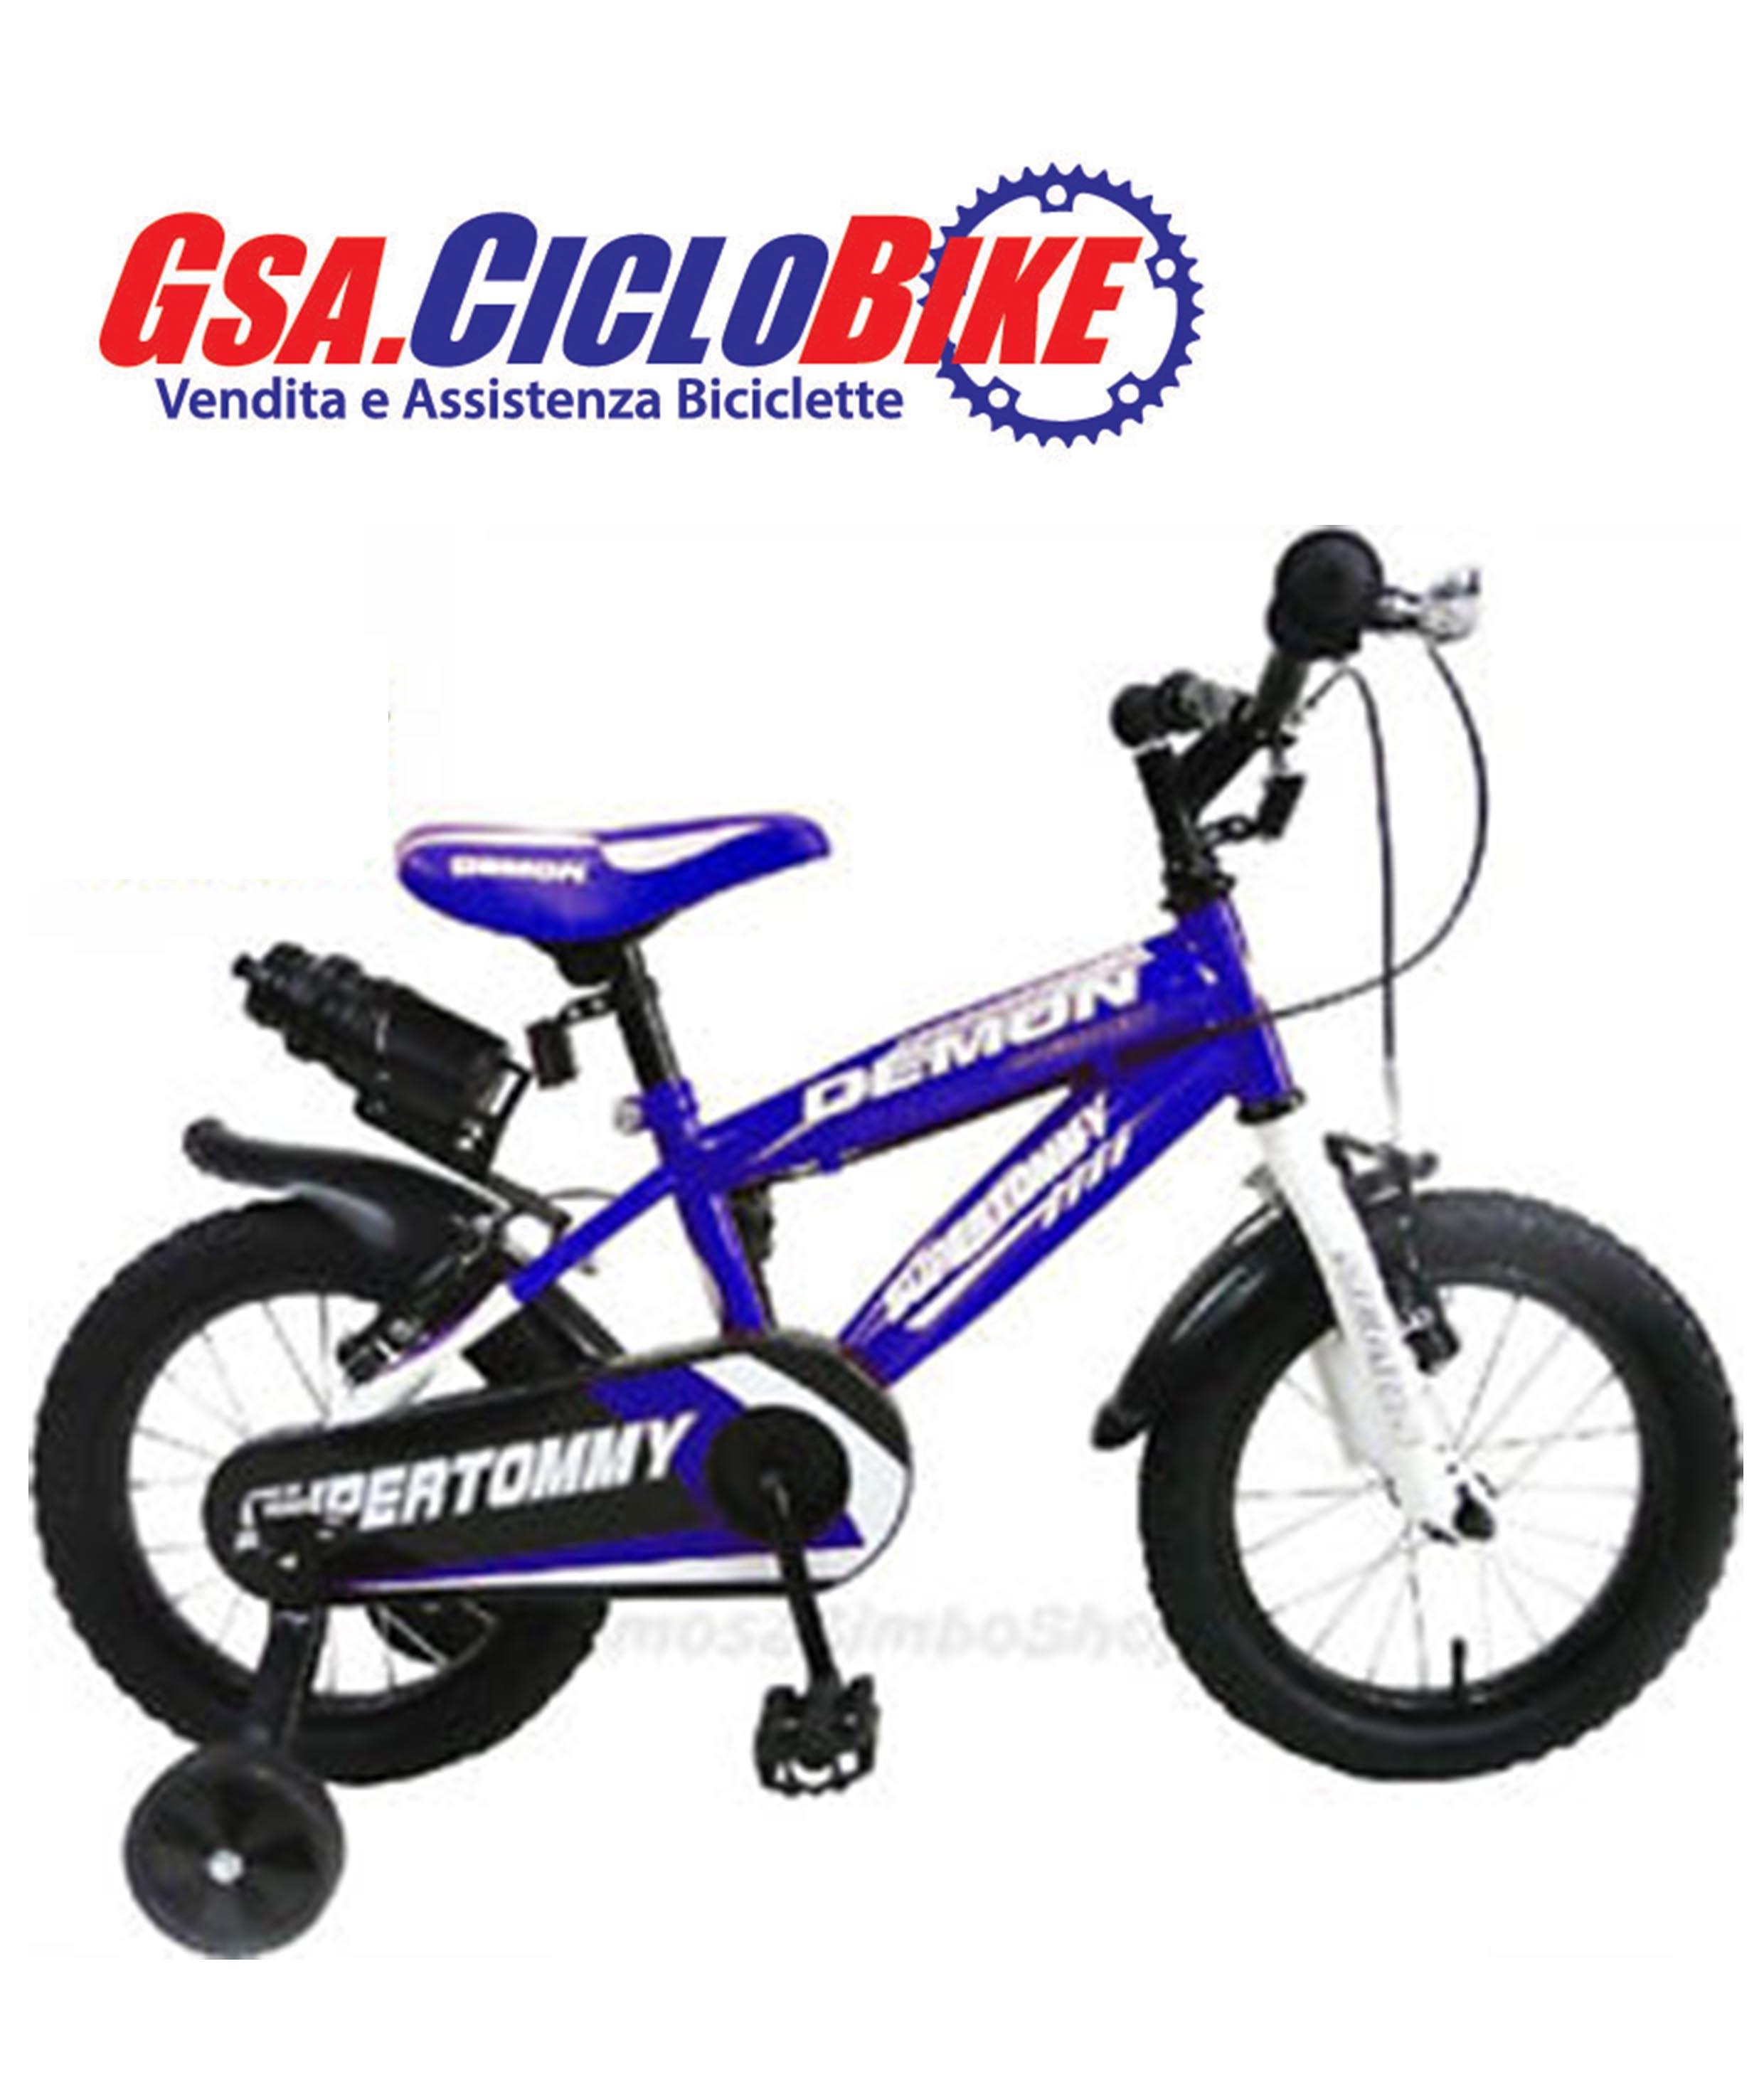 """Bici ragazzo bicicletta uomo  20/"""" cambio marce freno bianco BMX freestyle rosso"""